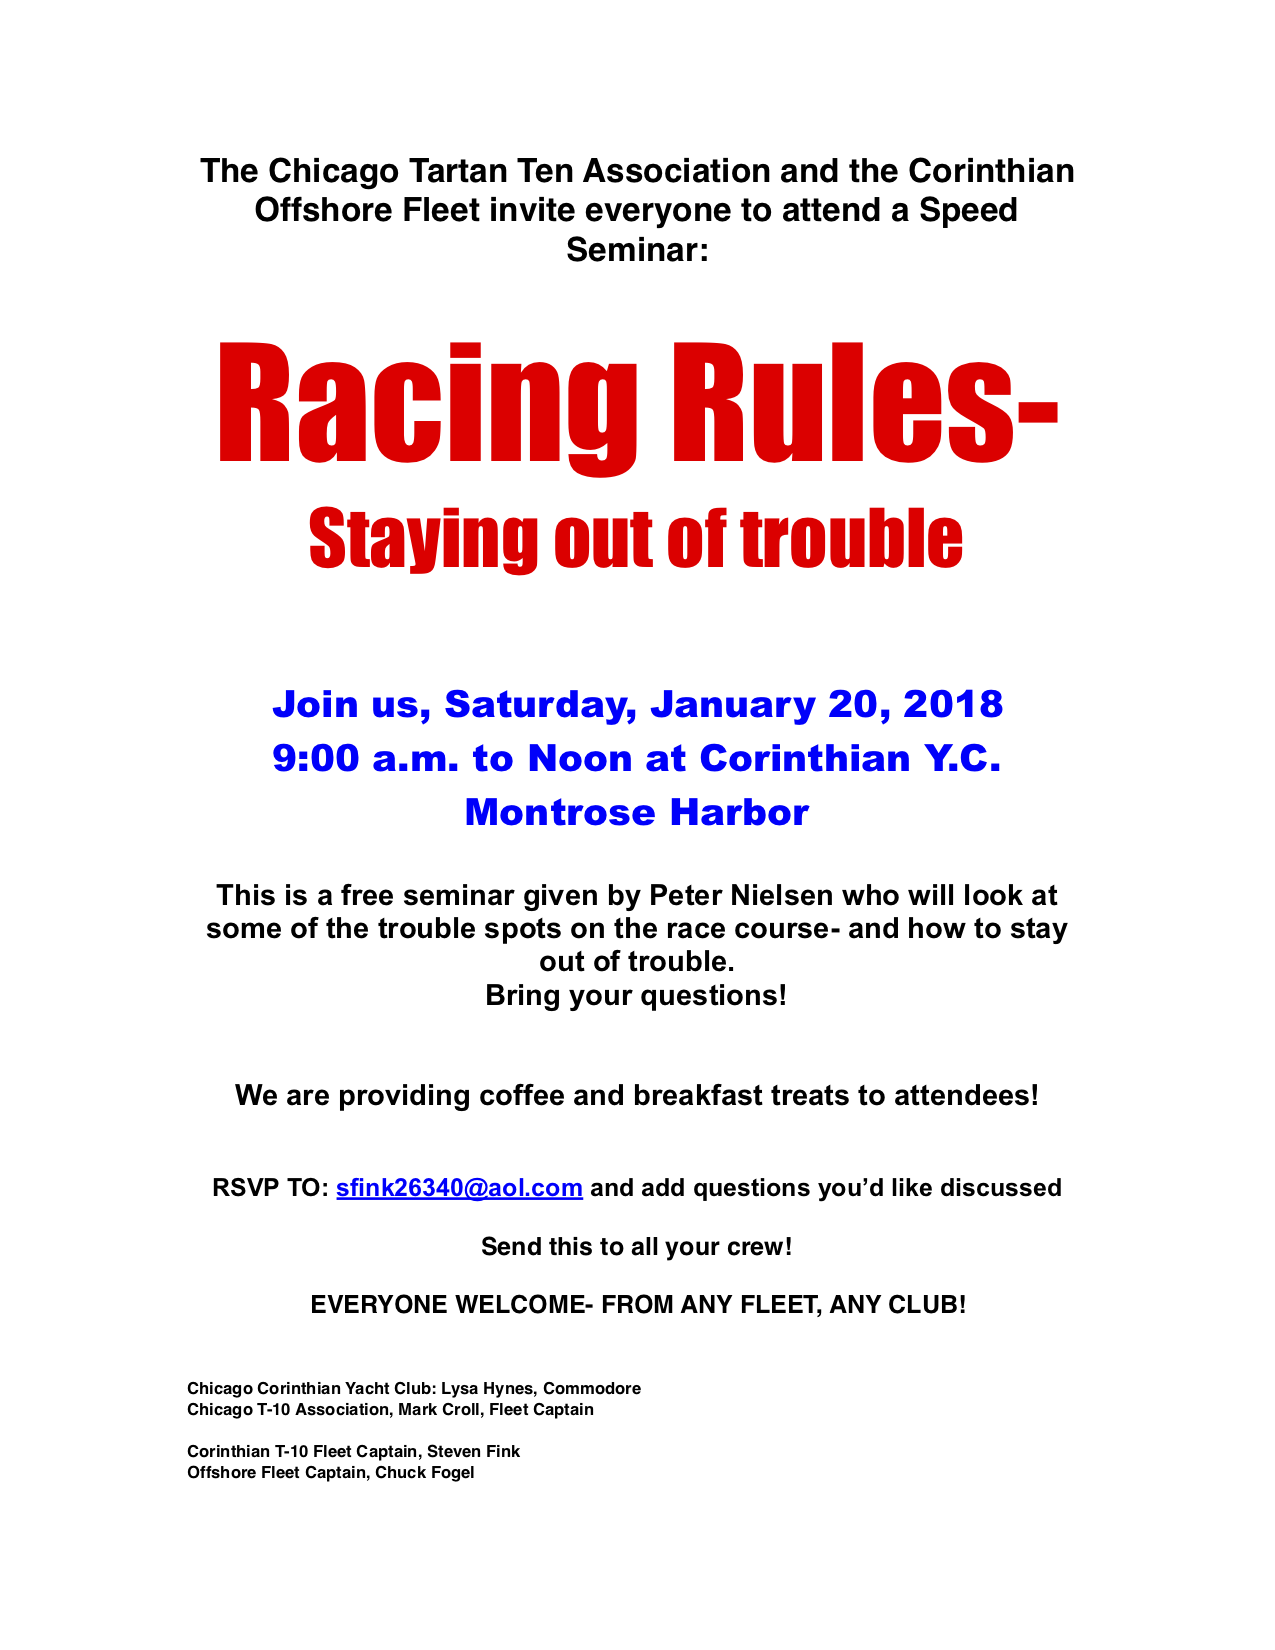 Jan 20 Speed Seminar PNG.png